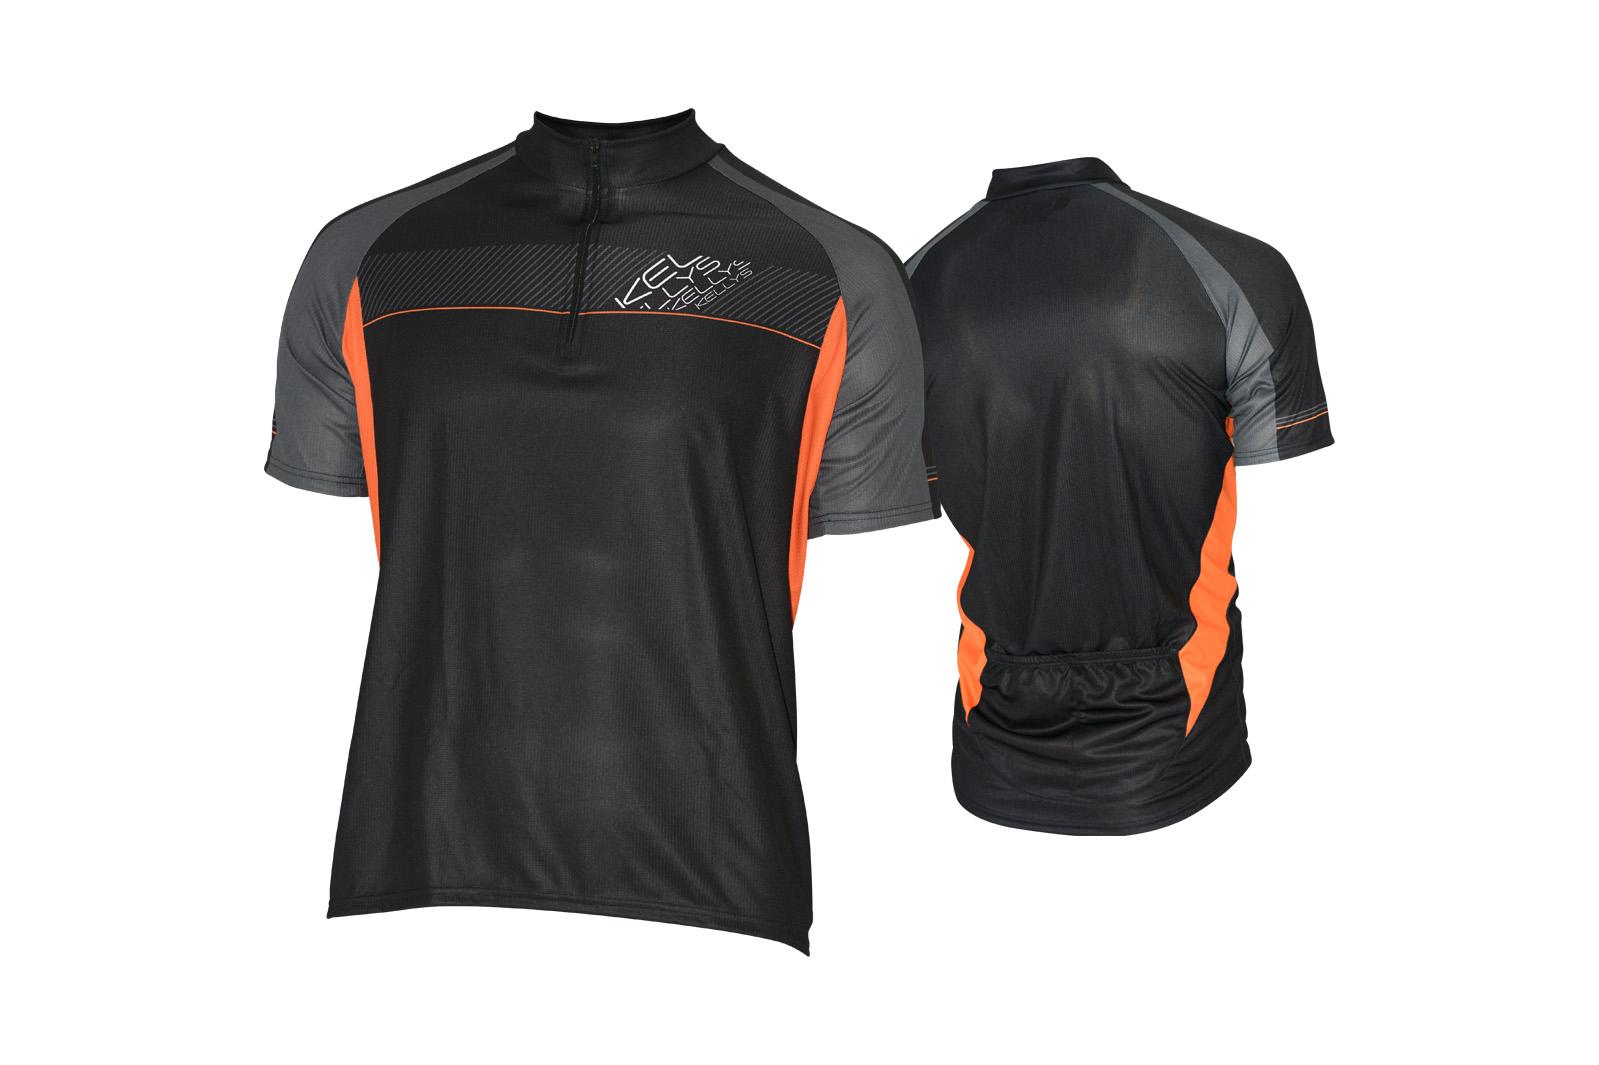 Pánský dres KELLYS PRO Sport, vel. XL, černo-oranžová, krátký rukáv (Pánský cyklistický dres KELLYS, vel. XL, krátký rukáv, barva černá/oranžová dle vyobrazení!)